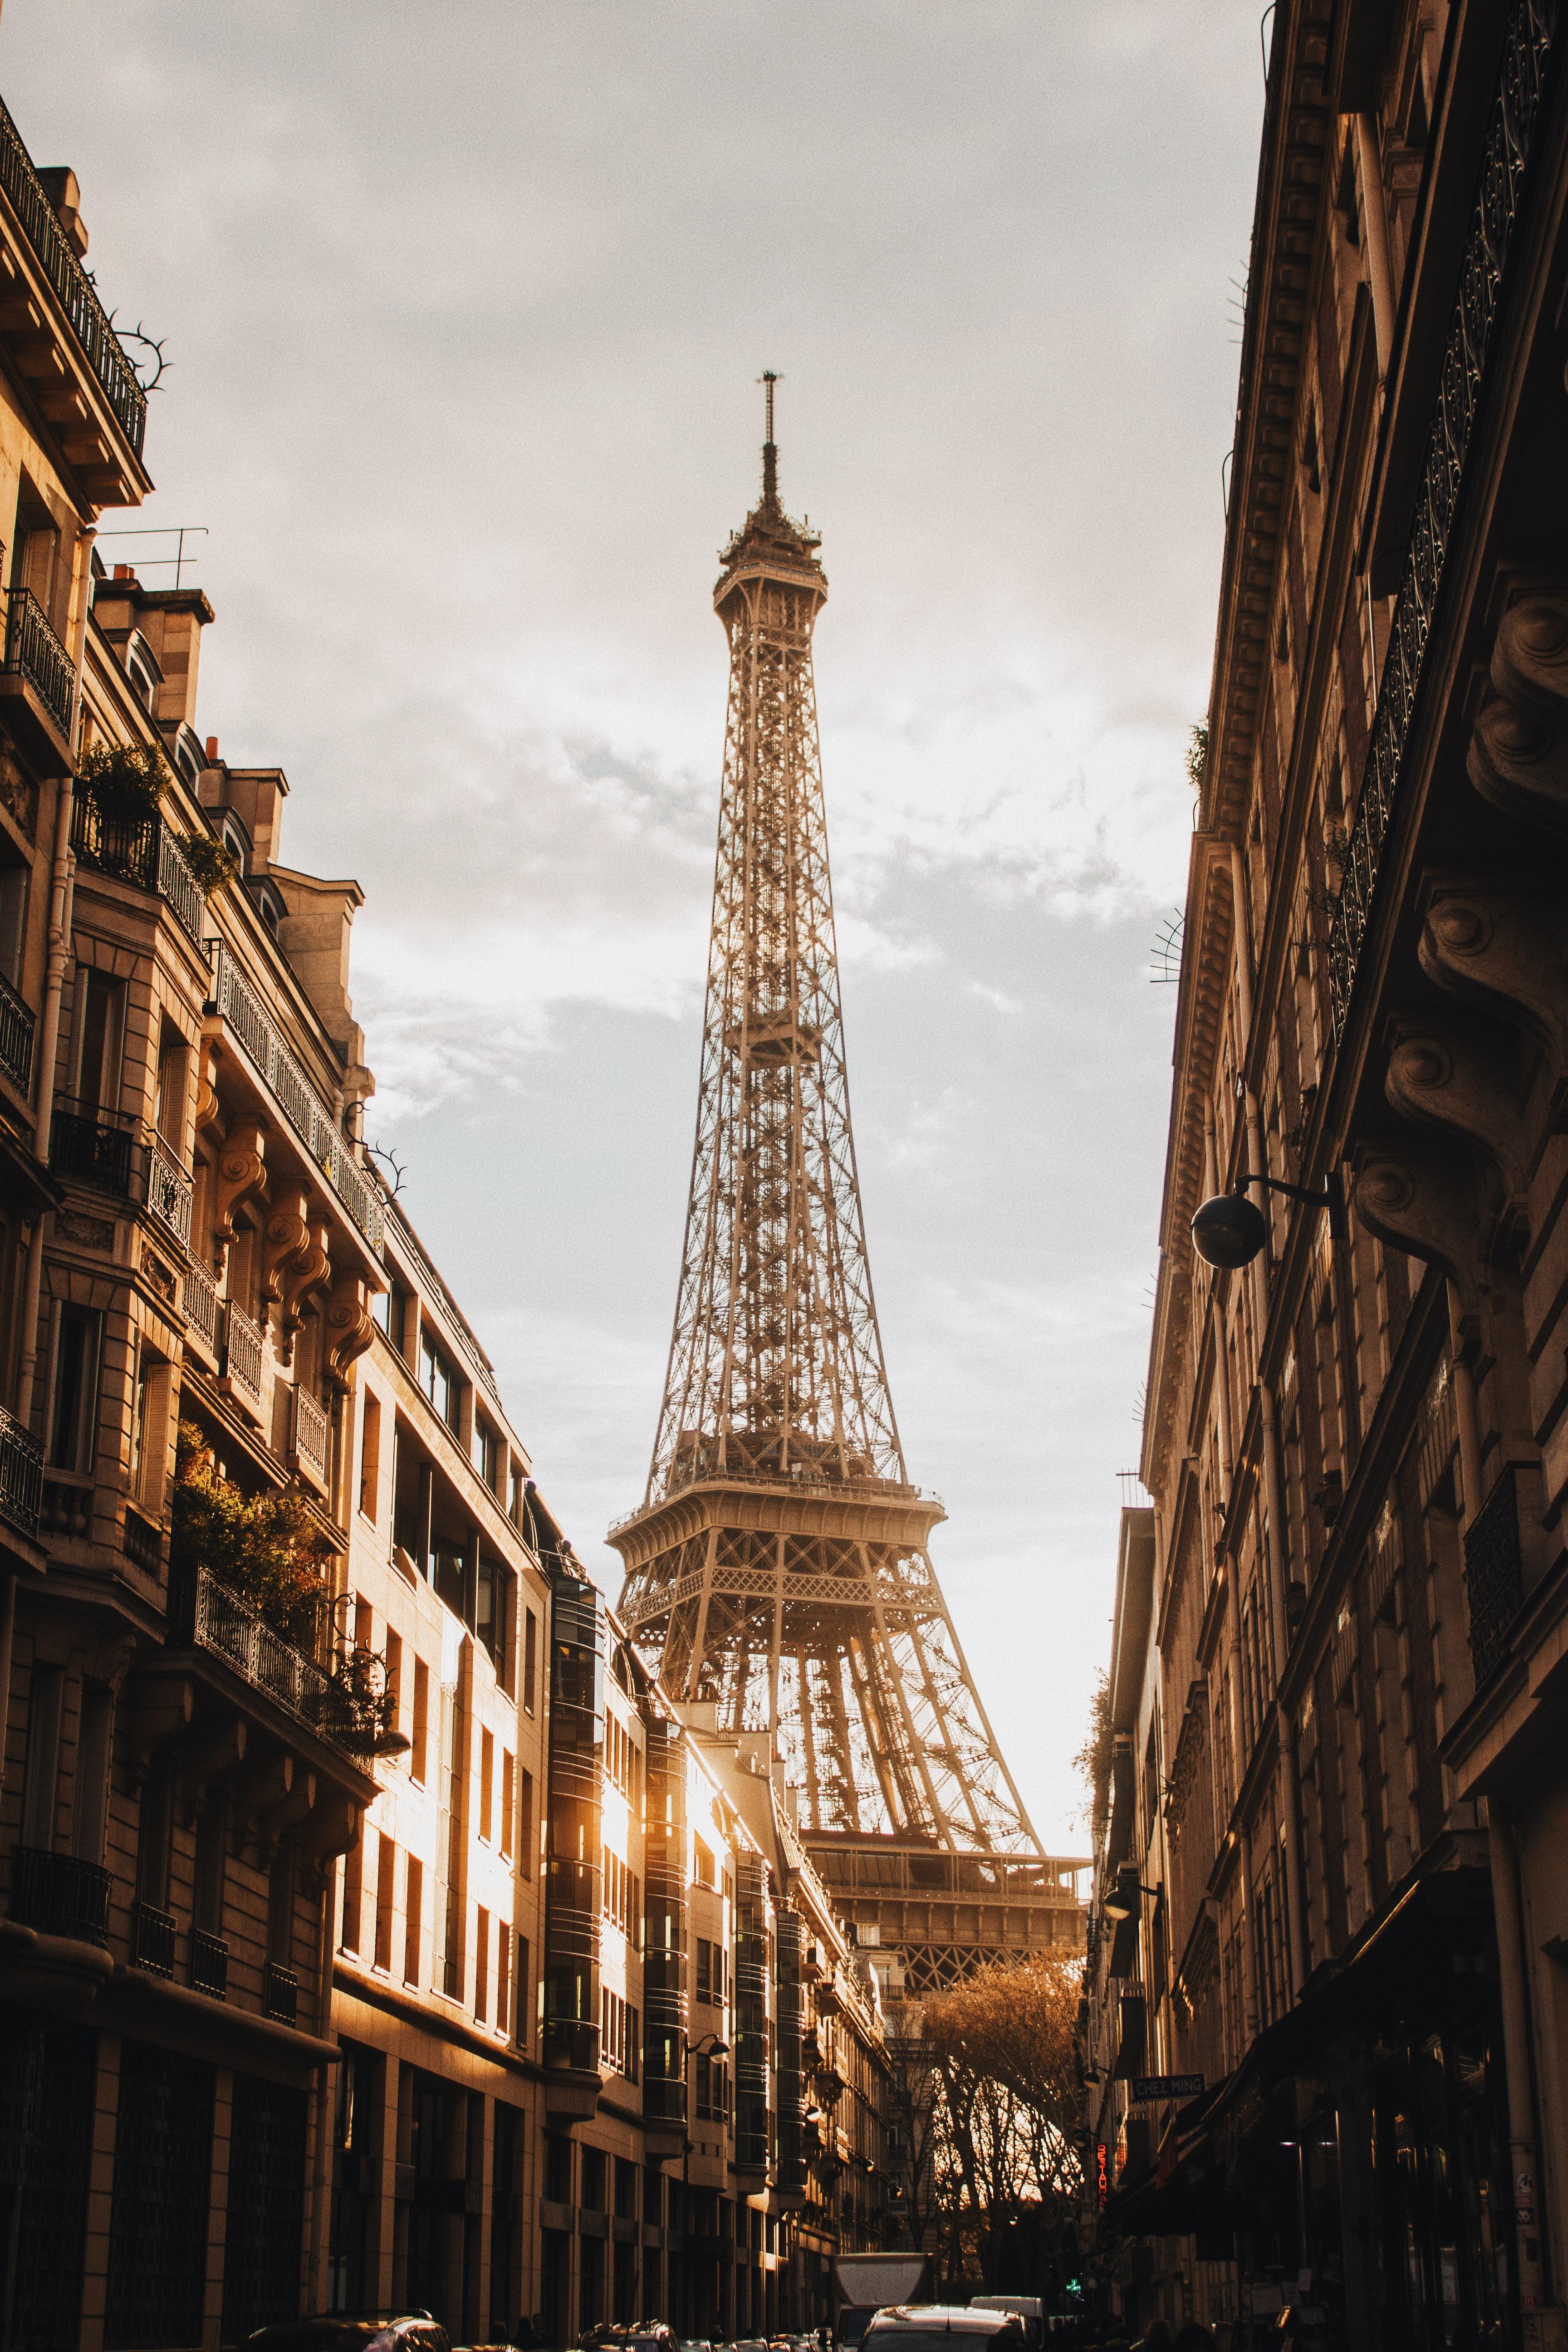 145543 Salvapantallas y fondos de pantalla Arquitectura en tu teléfono. Descarga imágenes de Edificio, Calle, Ciudad, París, Arquitectura, Ciudades, Torre Eiffel gratis